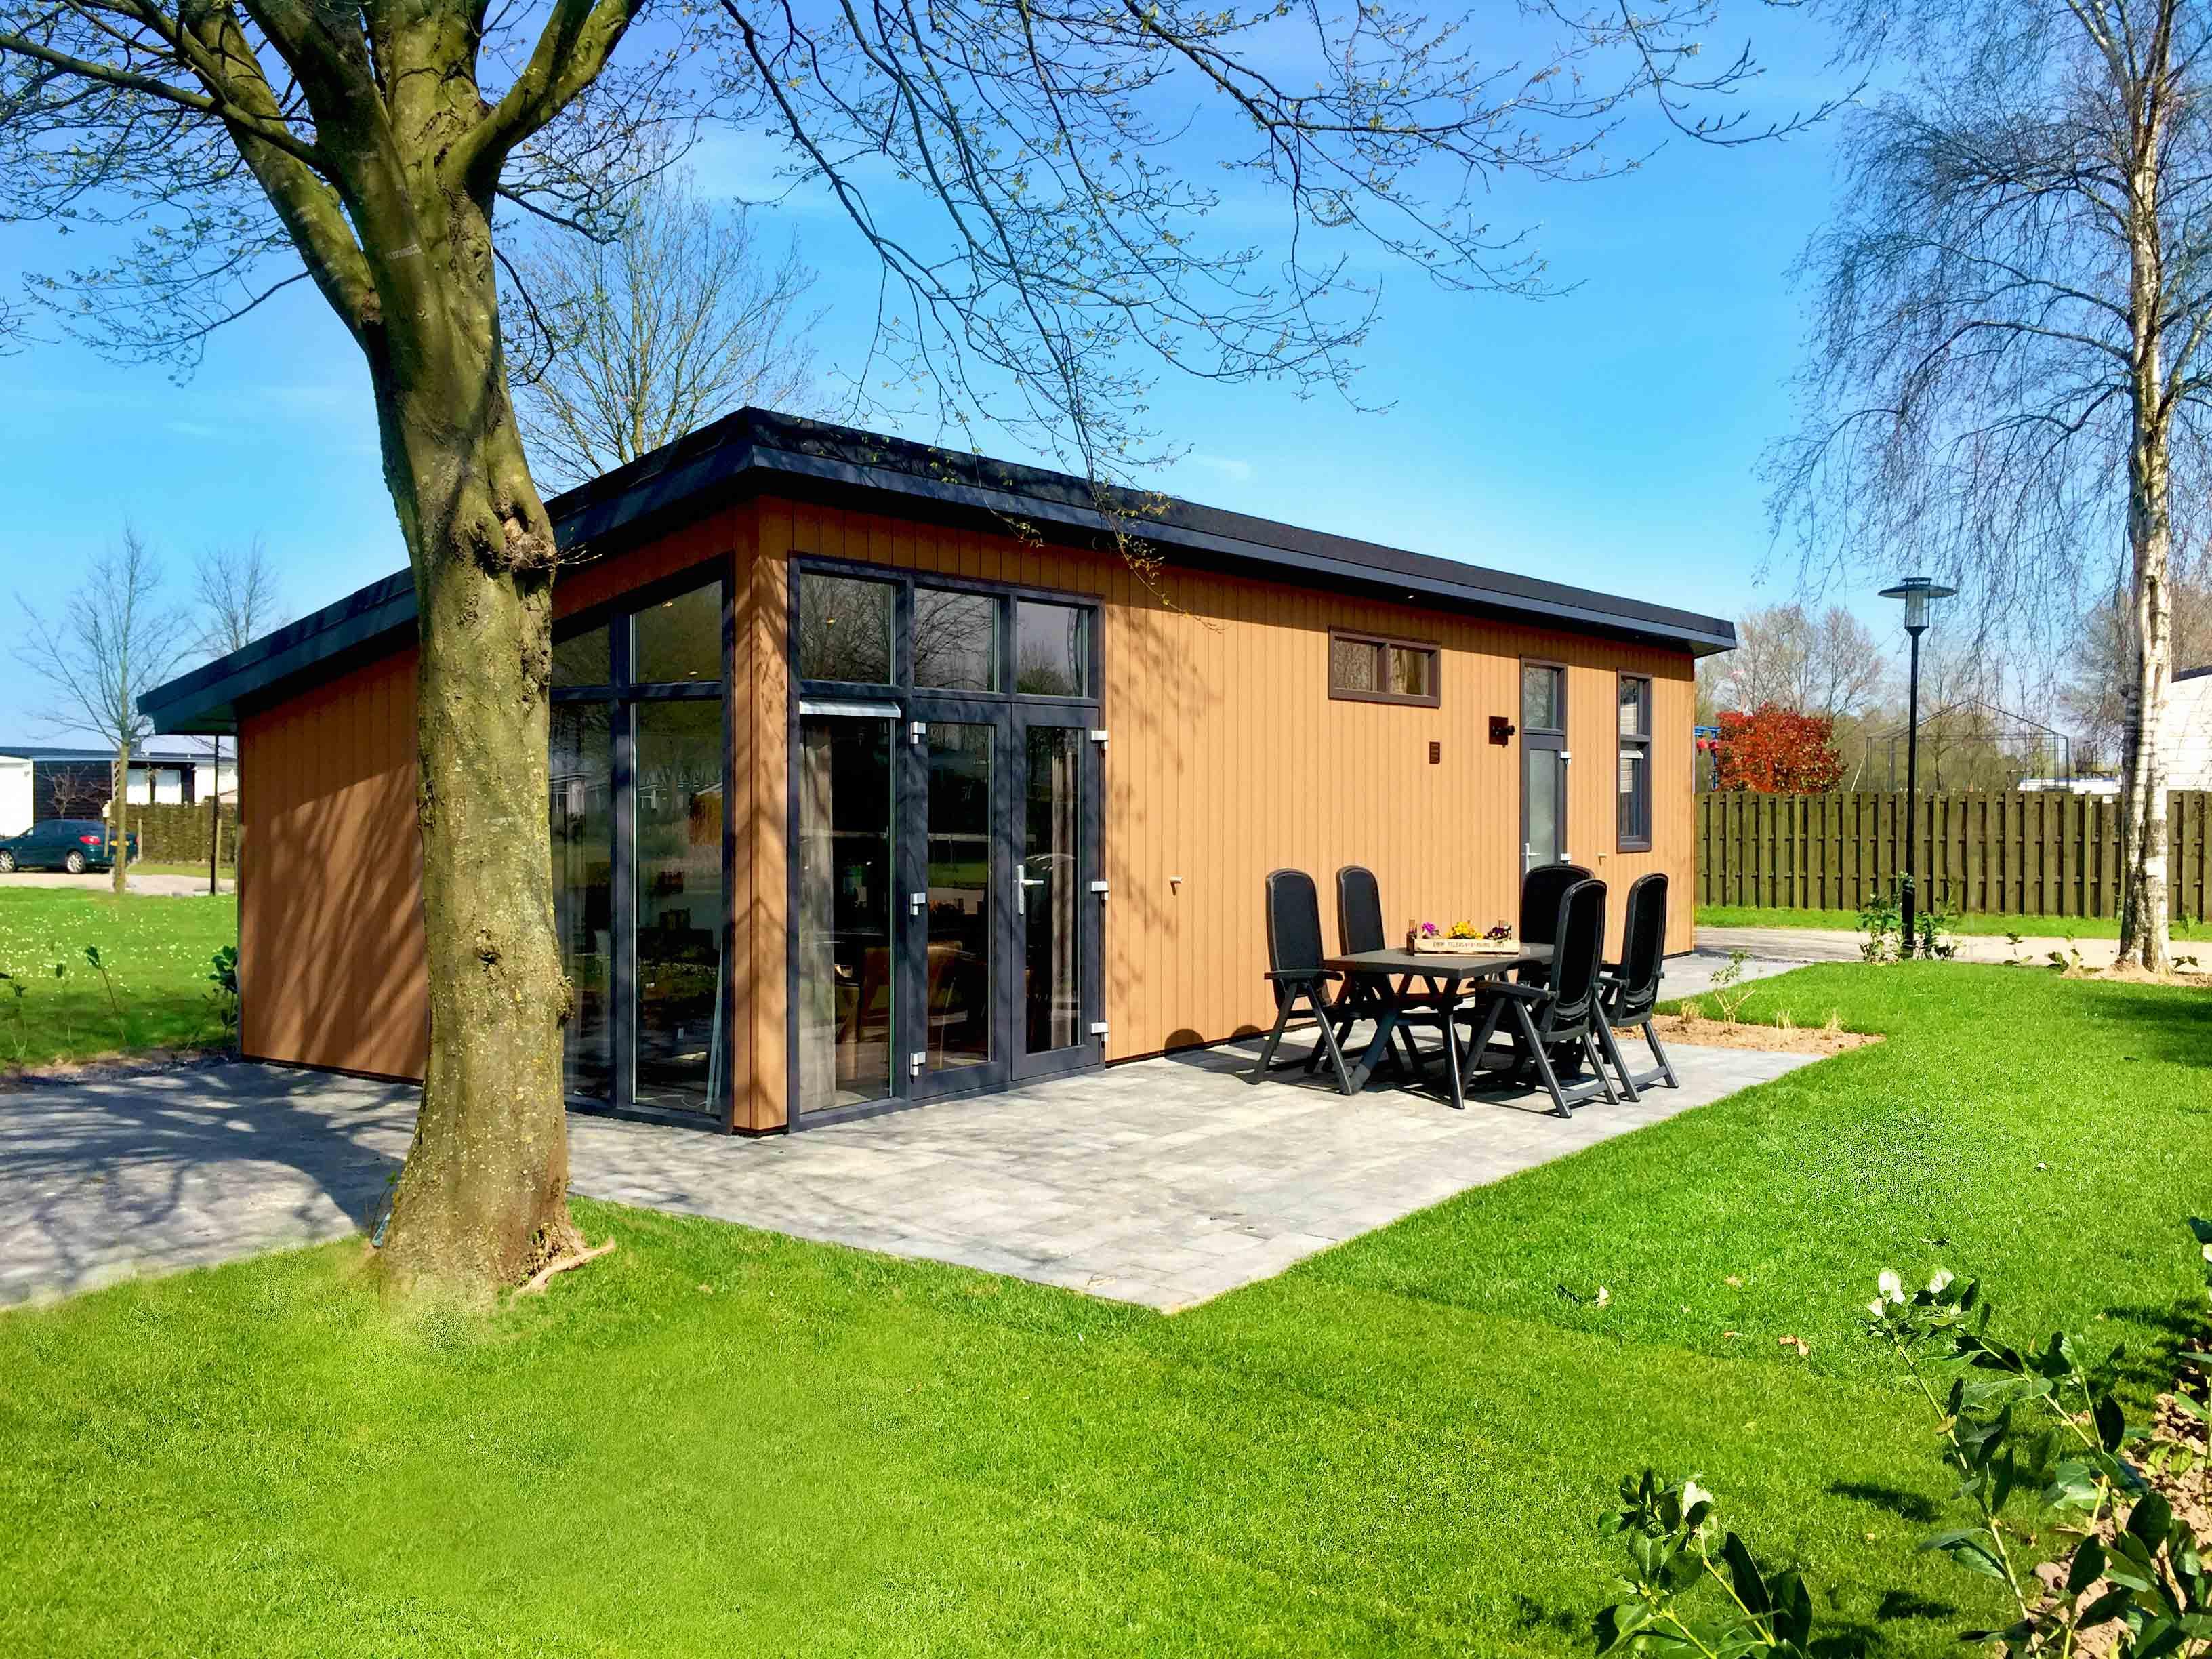 Ferienhaus für 5 Personen ca 45 m² in Aalst Gelderland